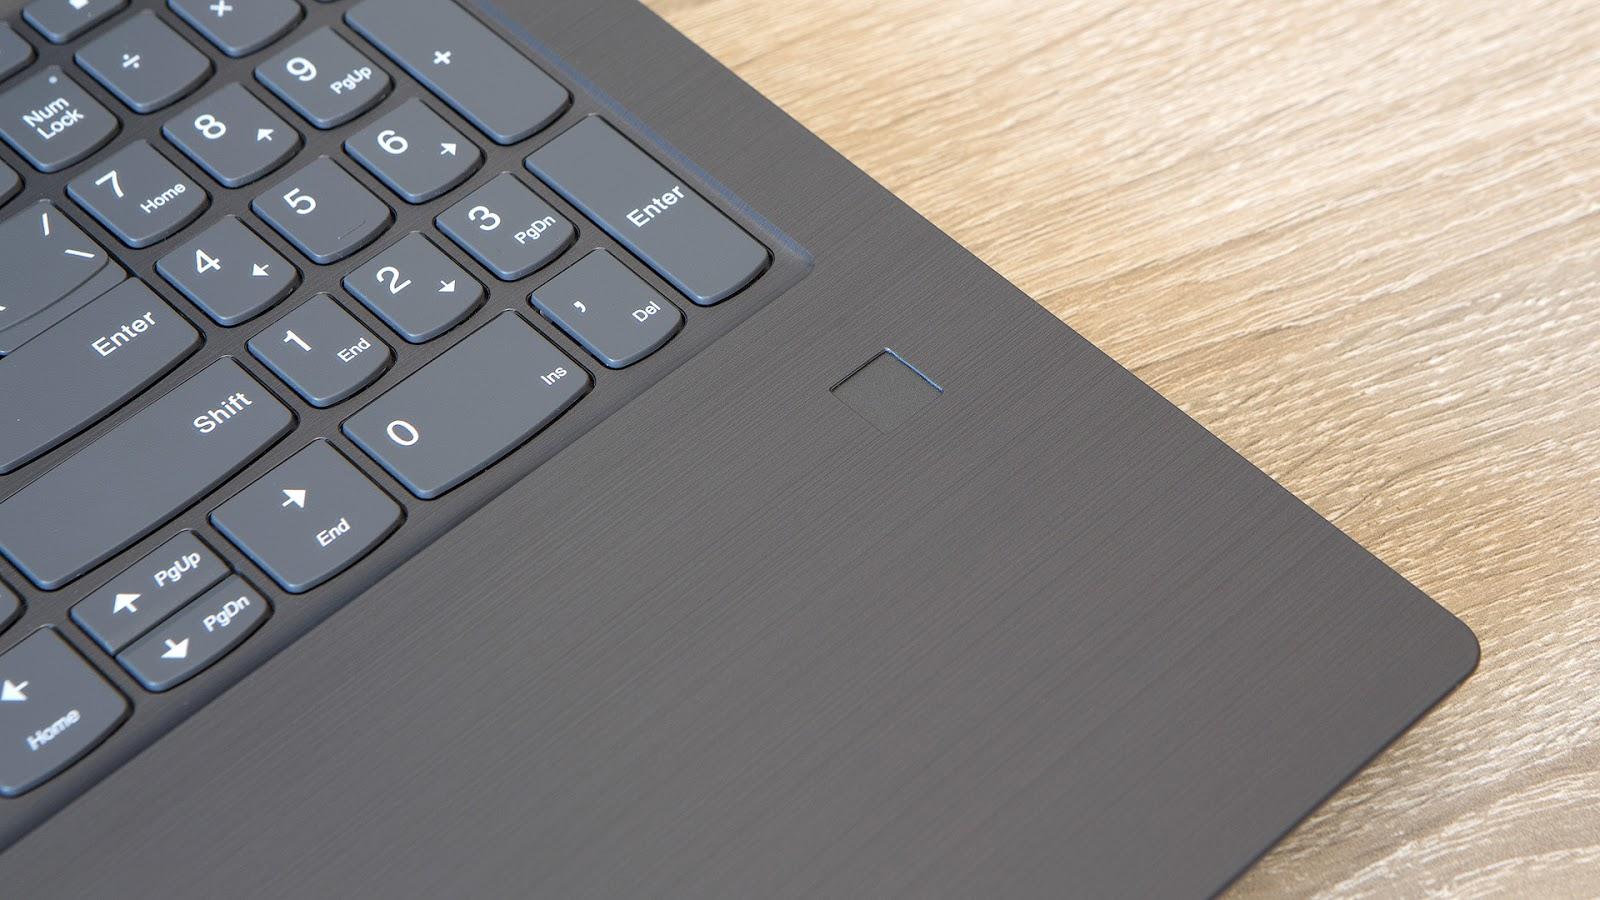 Обзор ноутбука Lenovo V330-15: надёжный офисный трудяга - 5